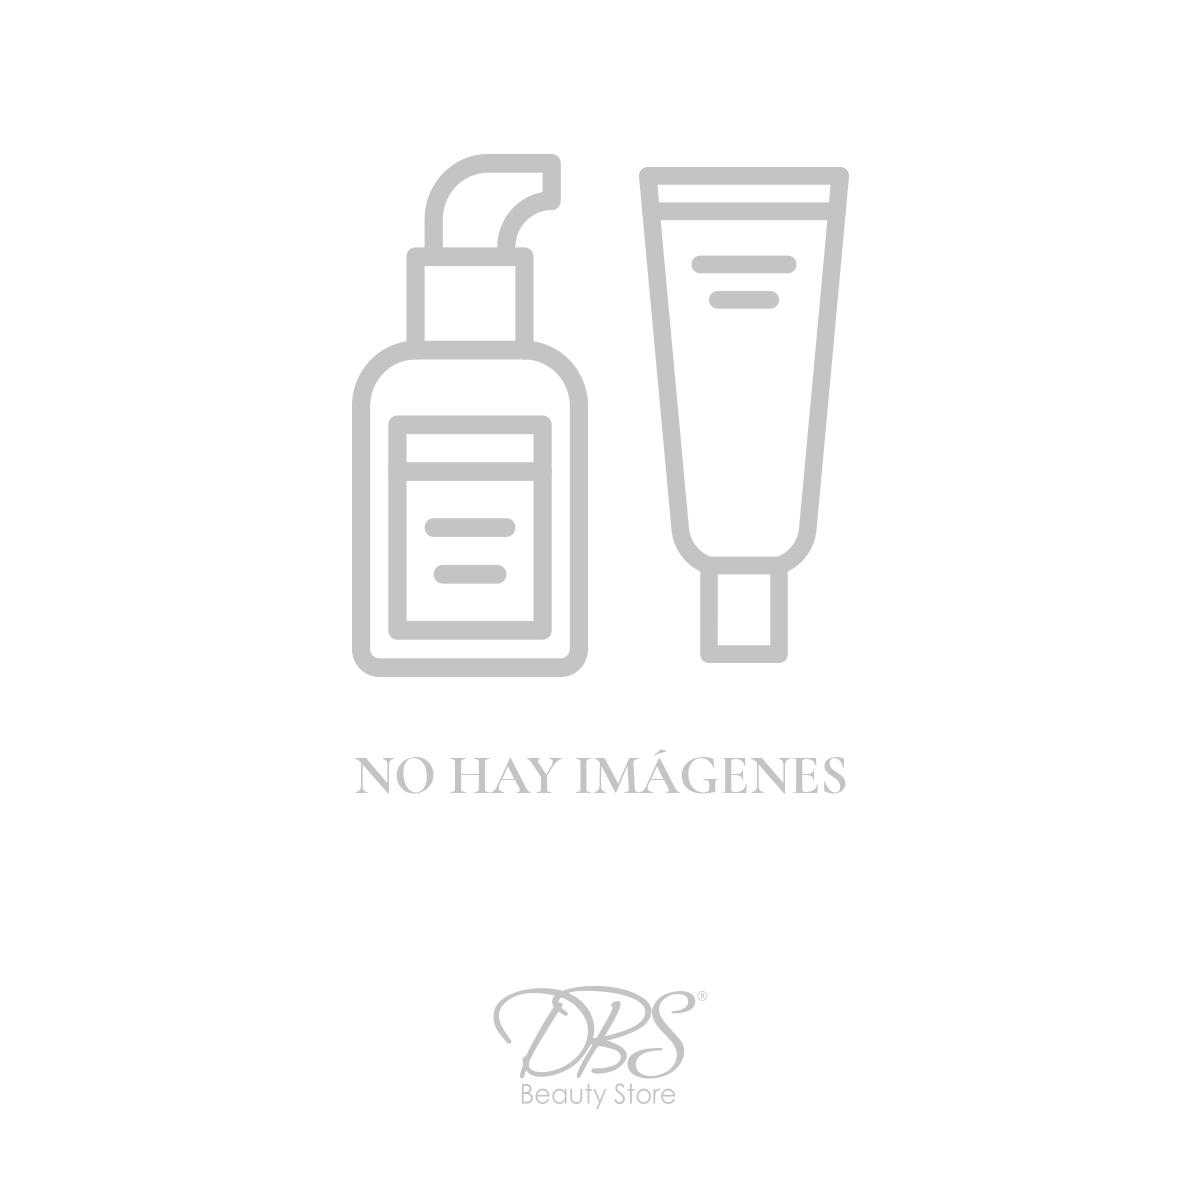 dbs-cosmetics-DBS-LI1062-MP.jpg